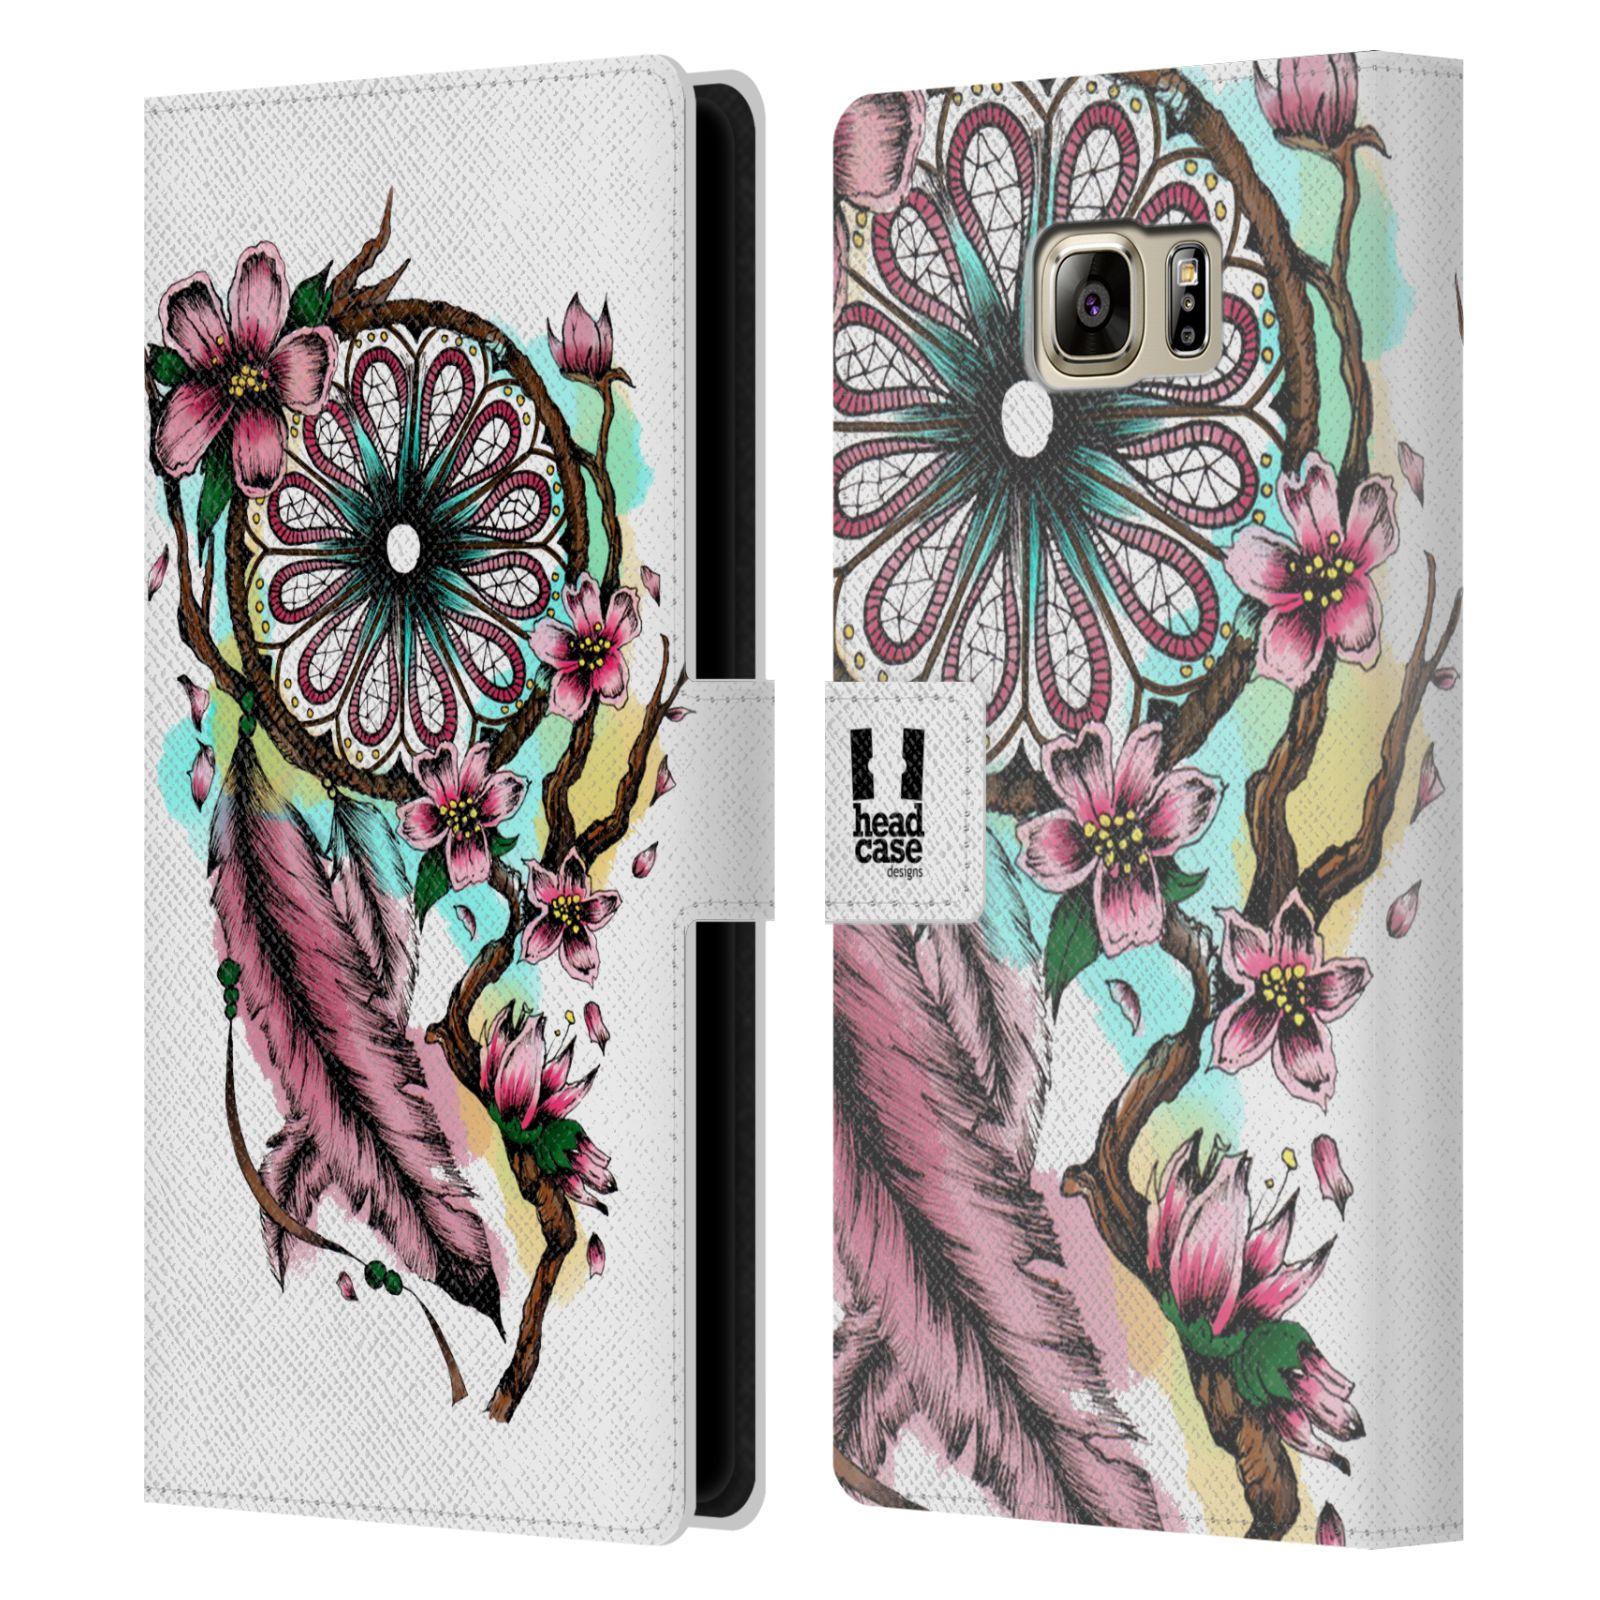 Pouzdro na mobil Samsung Galaxy NOTE 5 - Head Case - Lapač snů květy fialová